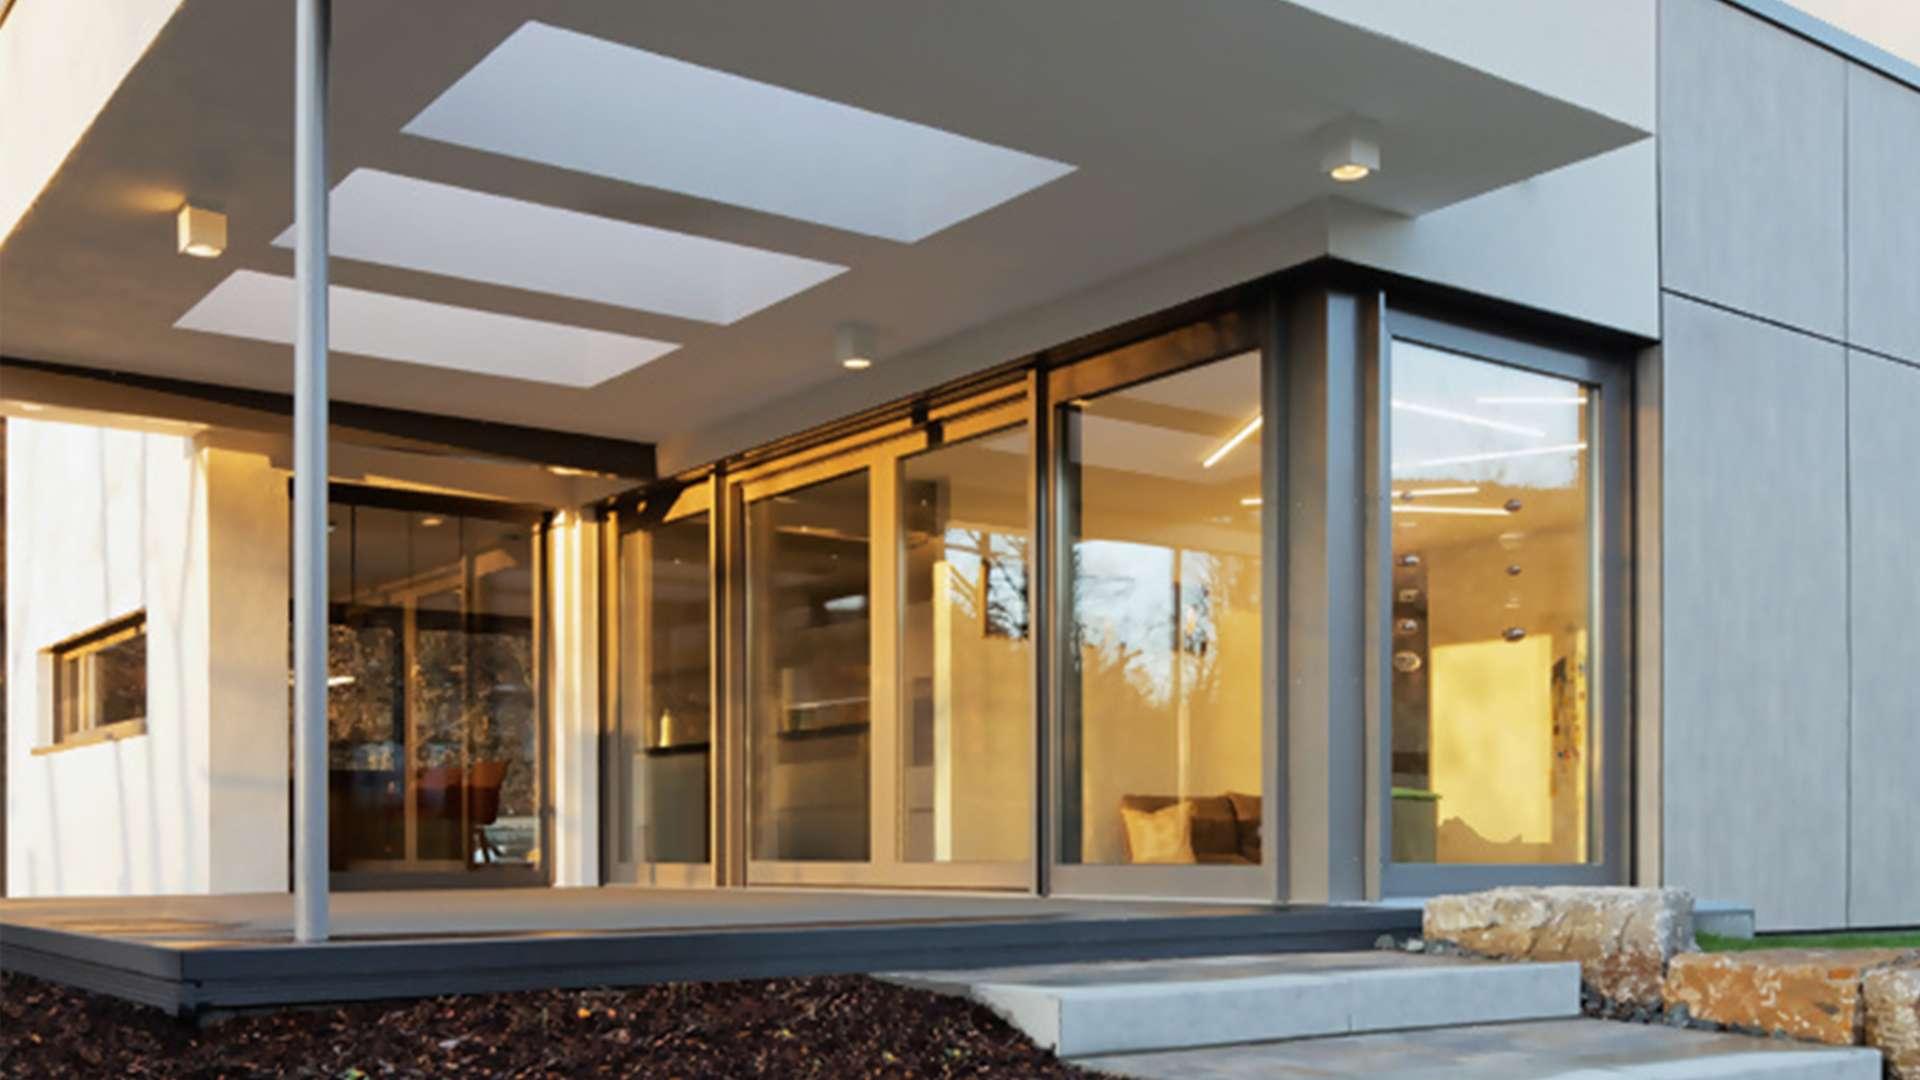 Eingangsbereich mit bodentiefen Fenstern